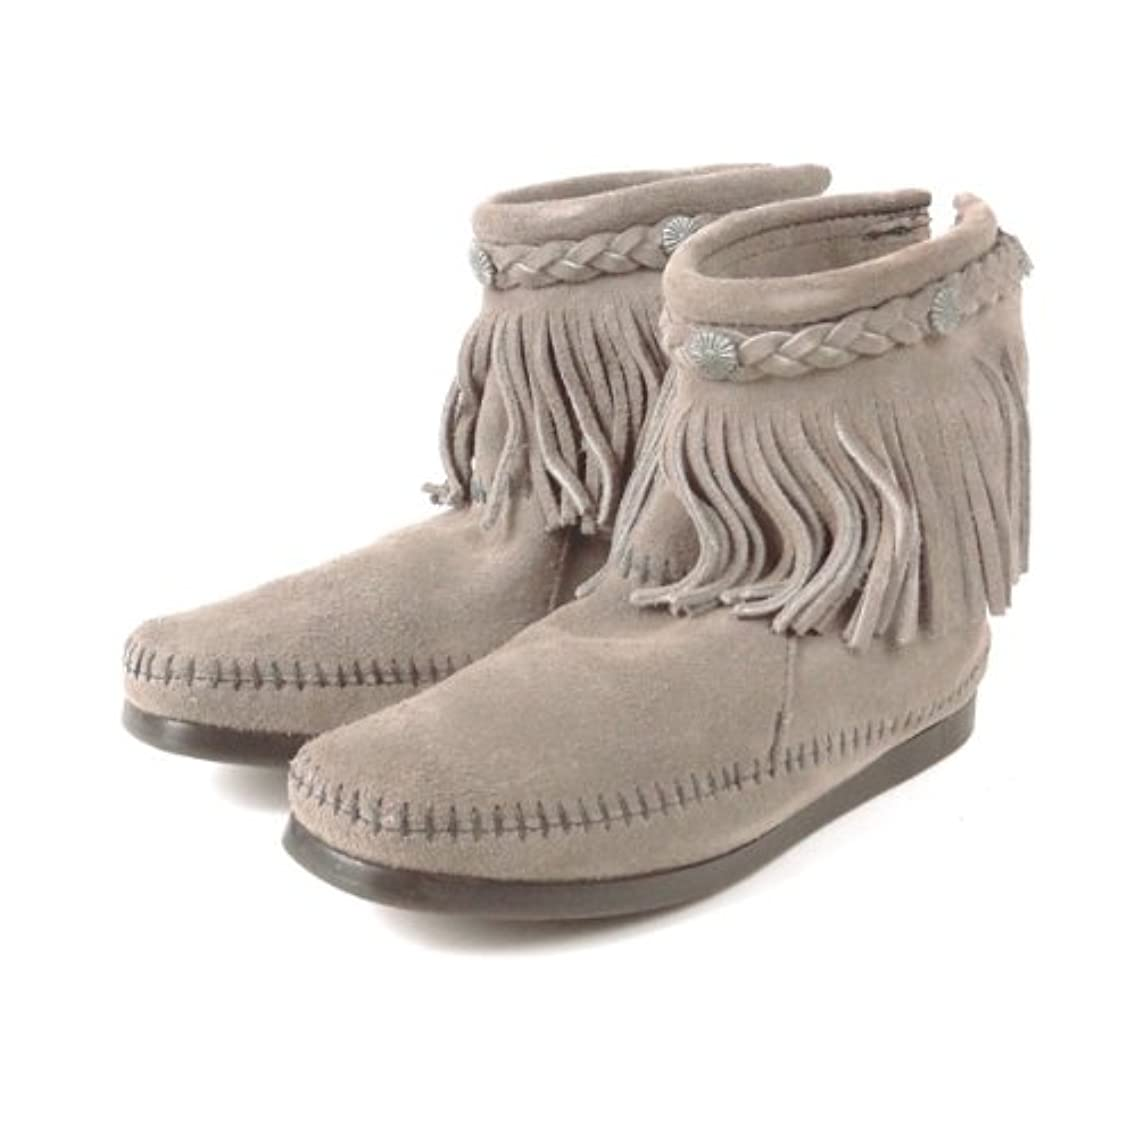 ゲージ砂利ほのかMINNETONKA (ミネトンカ) バックジップ フリンジ ショートブーツ Hi Top Back ZIP Boot [並行輸入品] #291T/GREY/グレー US7.5